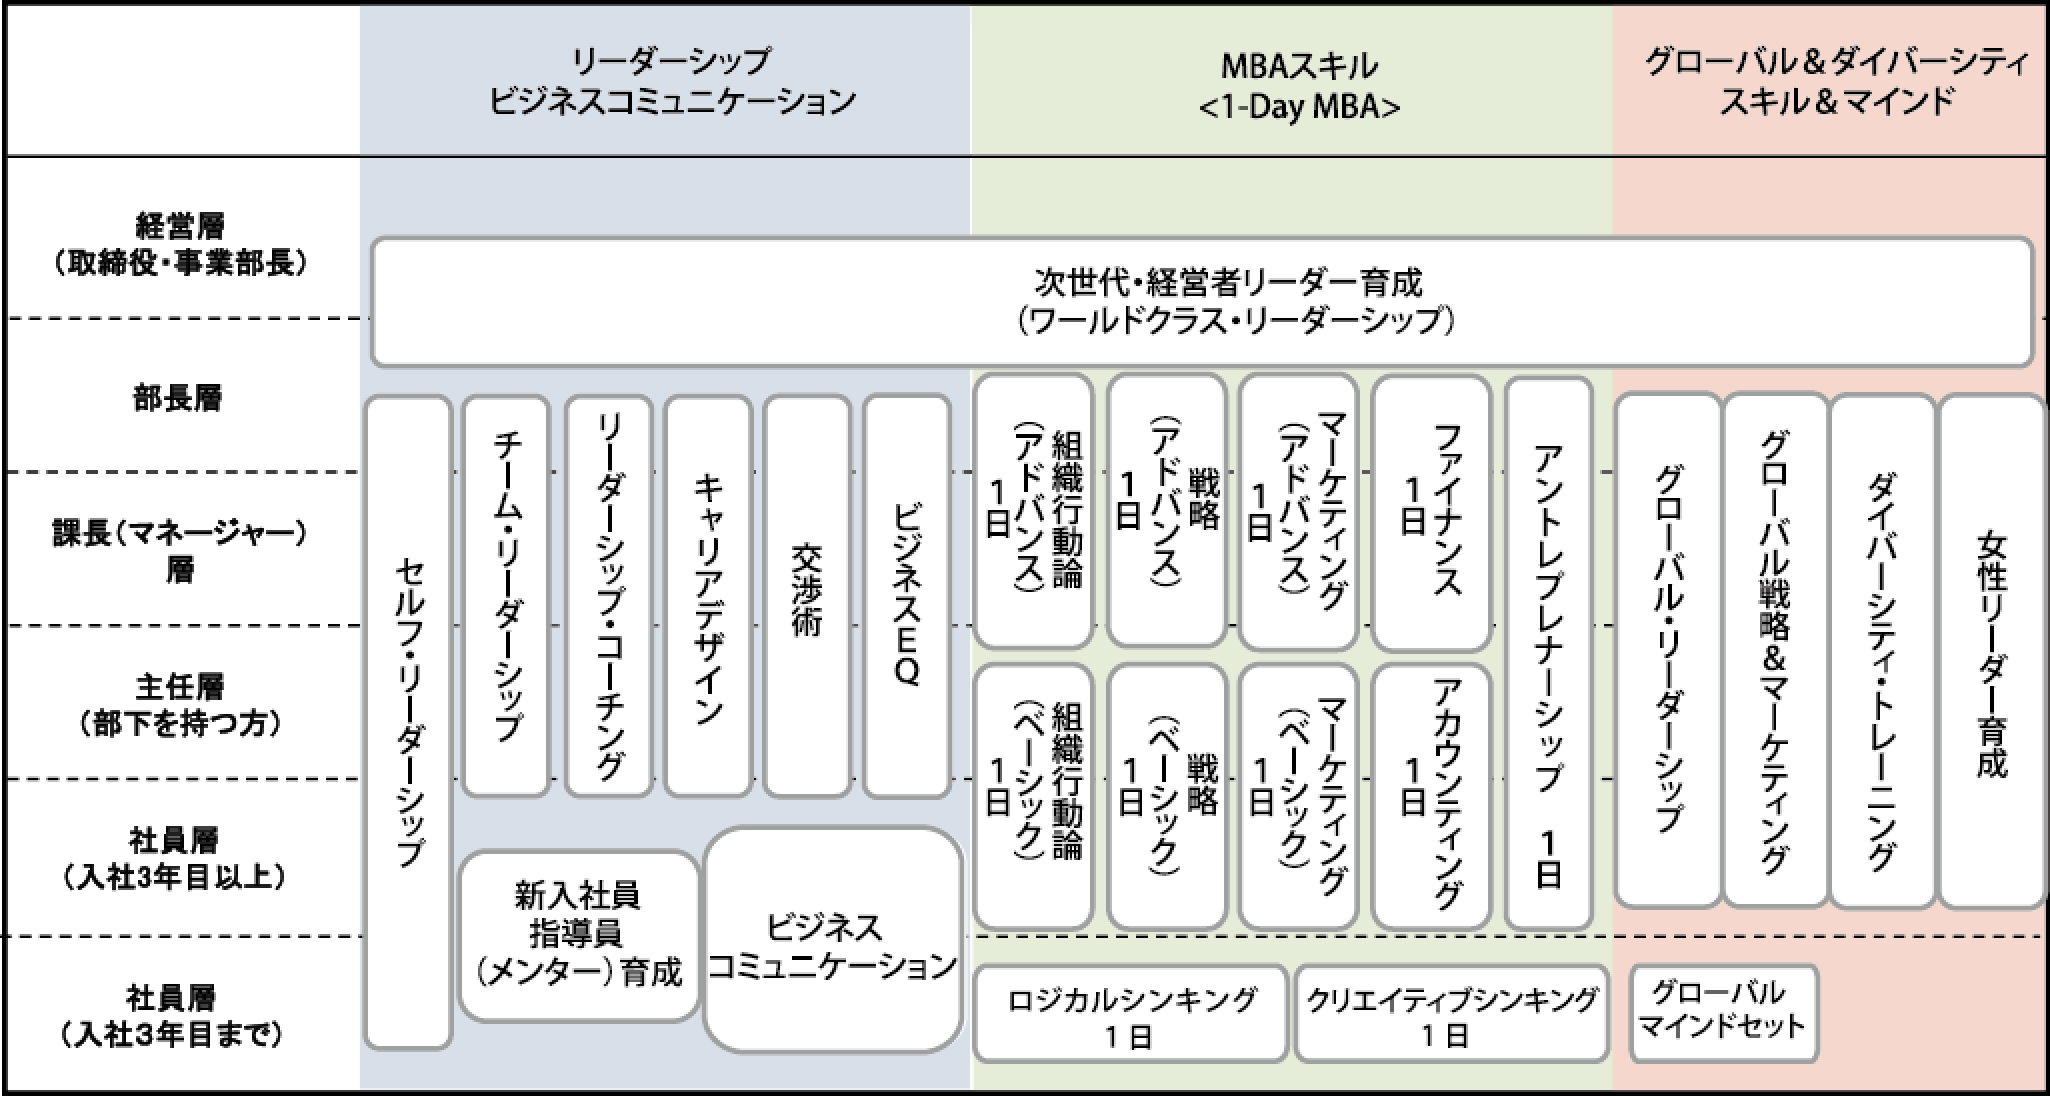 提供プログラムマップ